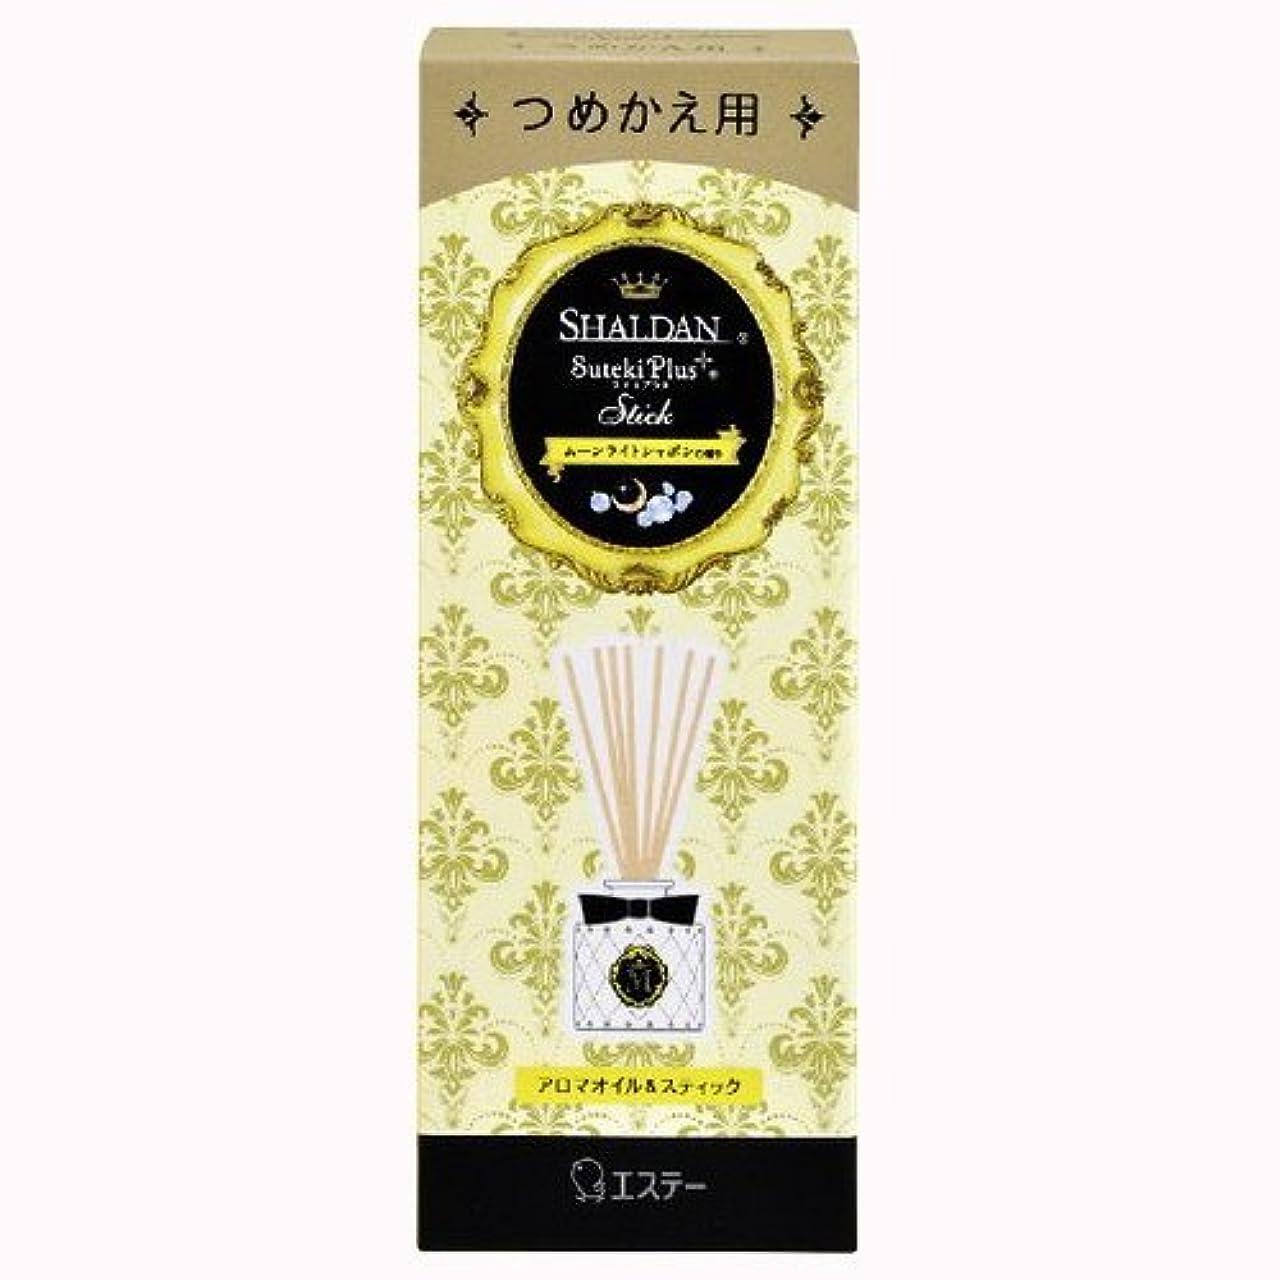 摂動折利点SHALDAN(シャルダン) ステキプラス Stick つめかえ ムーンライトシャボンの香り × 3個セット